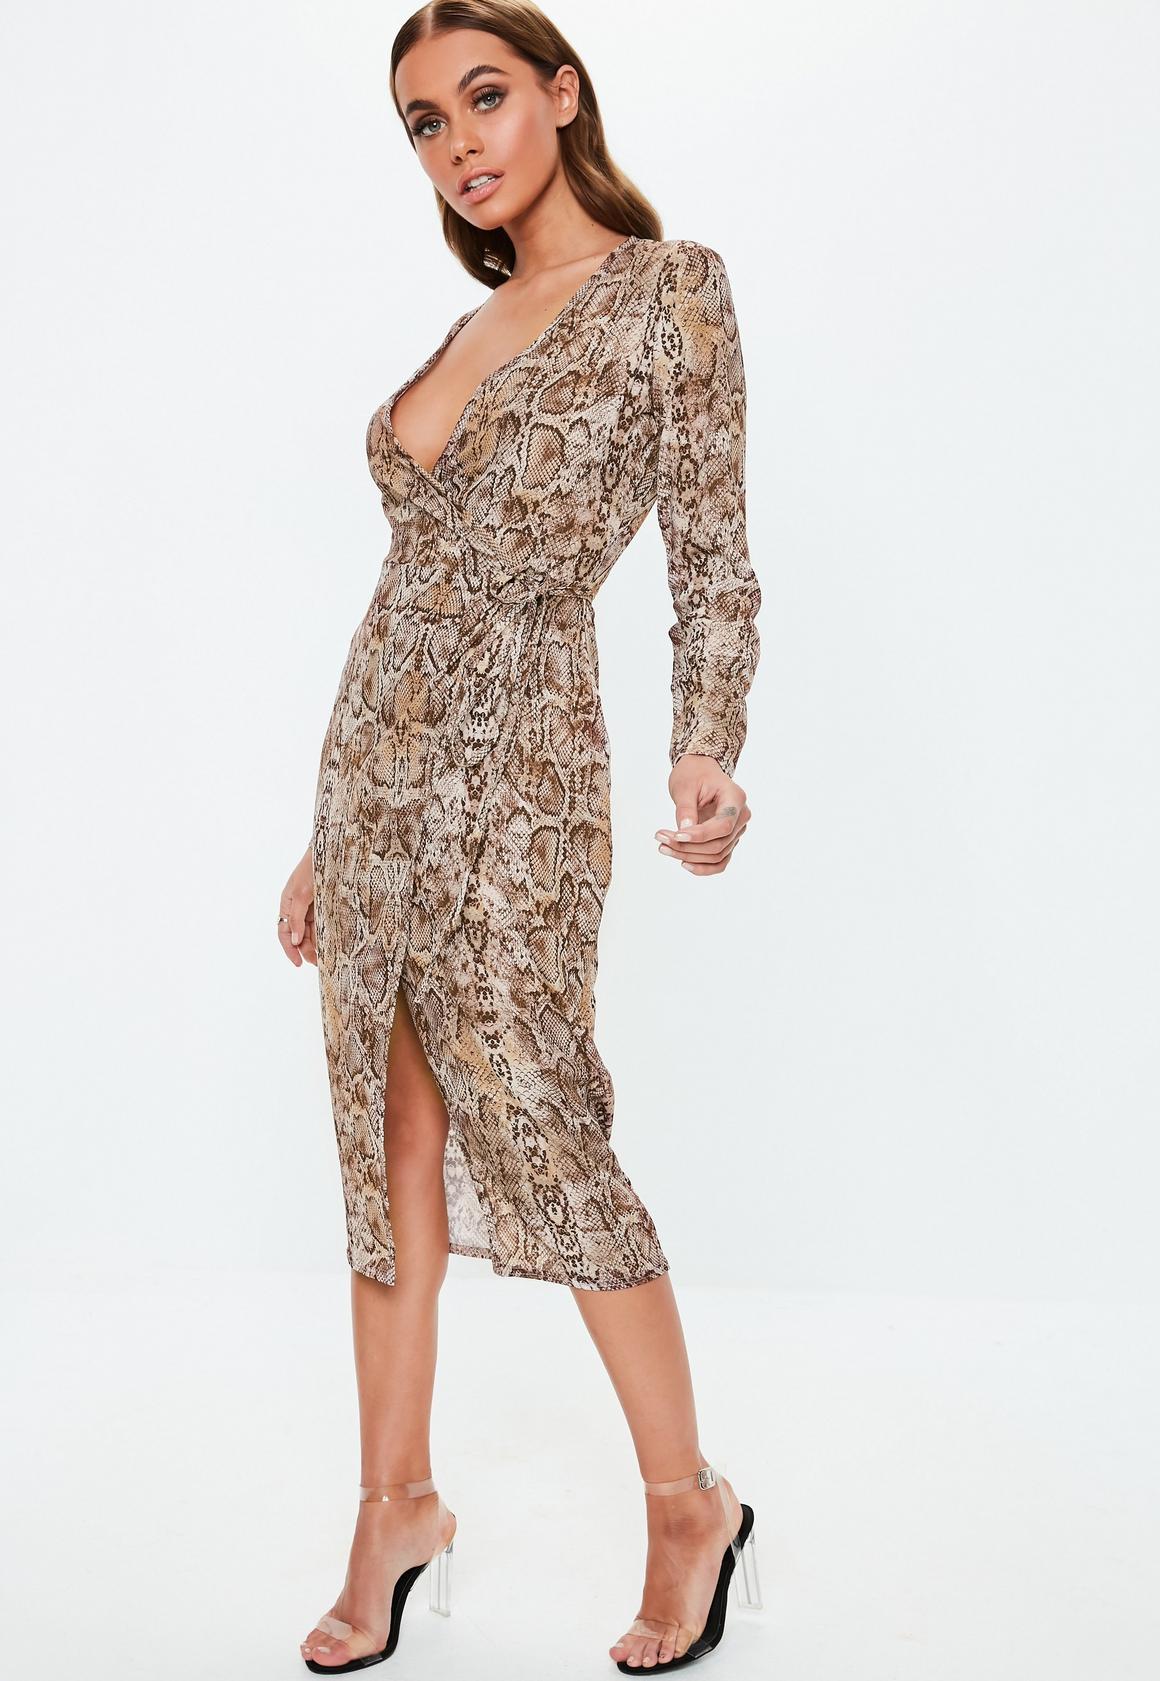 Missguided - robe midi portefeuille marron à imprimé serpent - 2